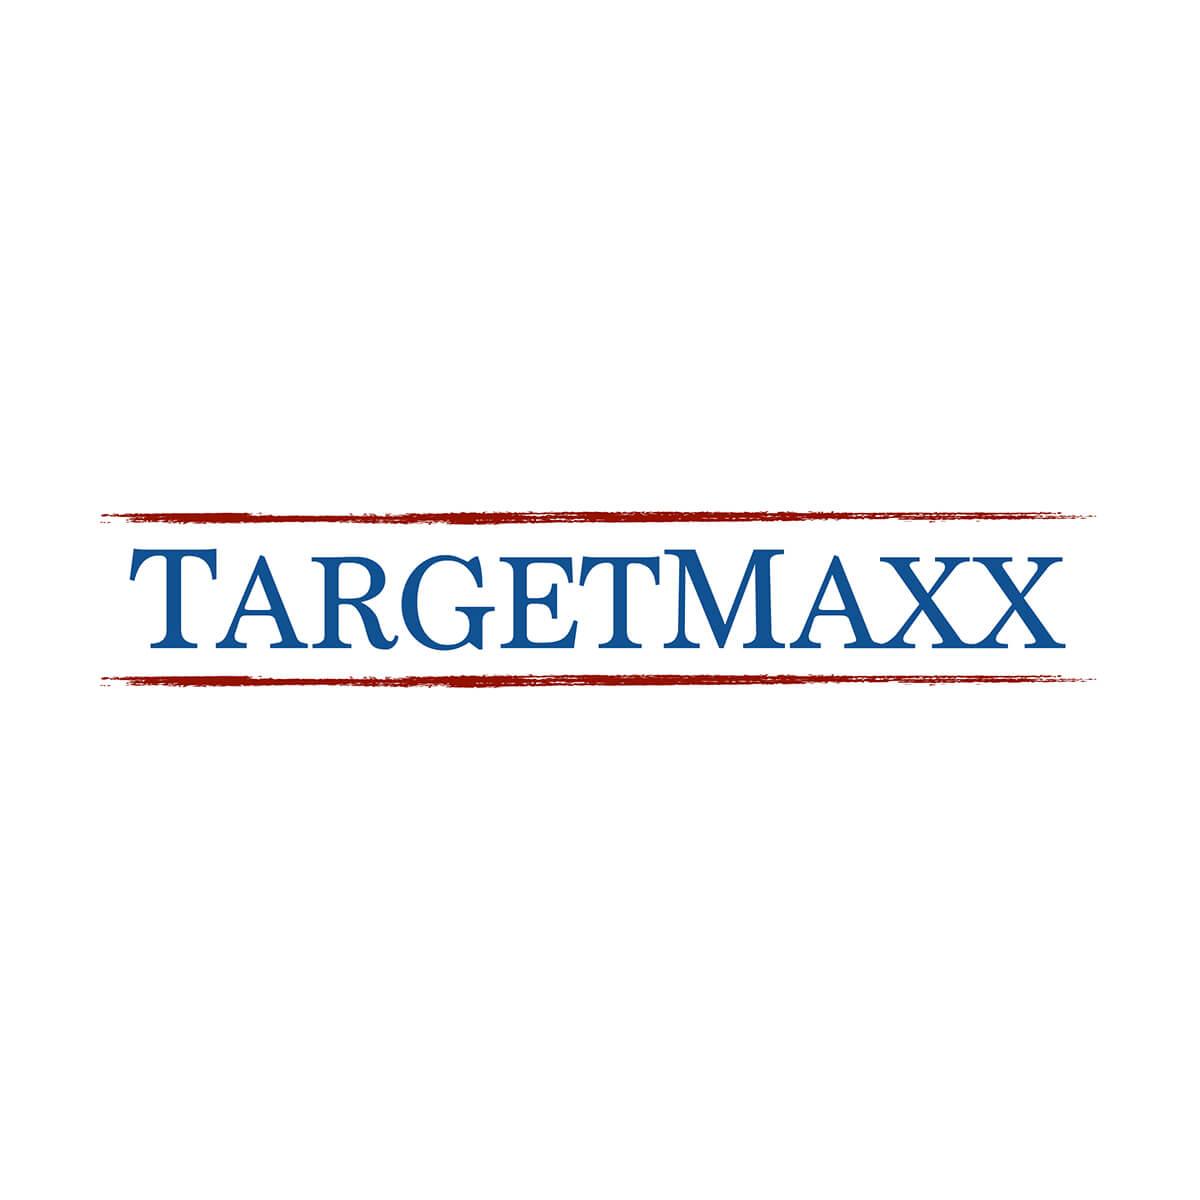 TARGETMAXX - 10L Jug